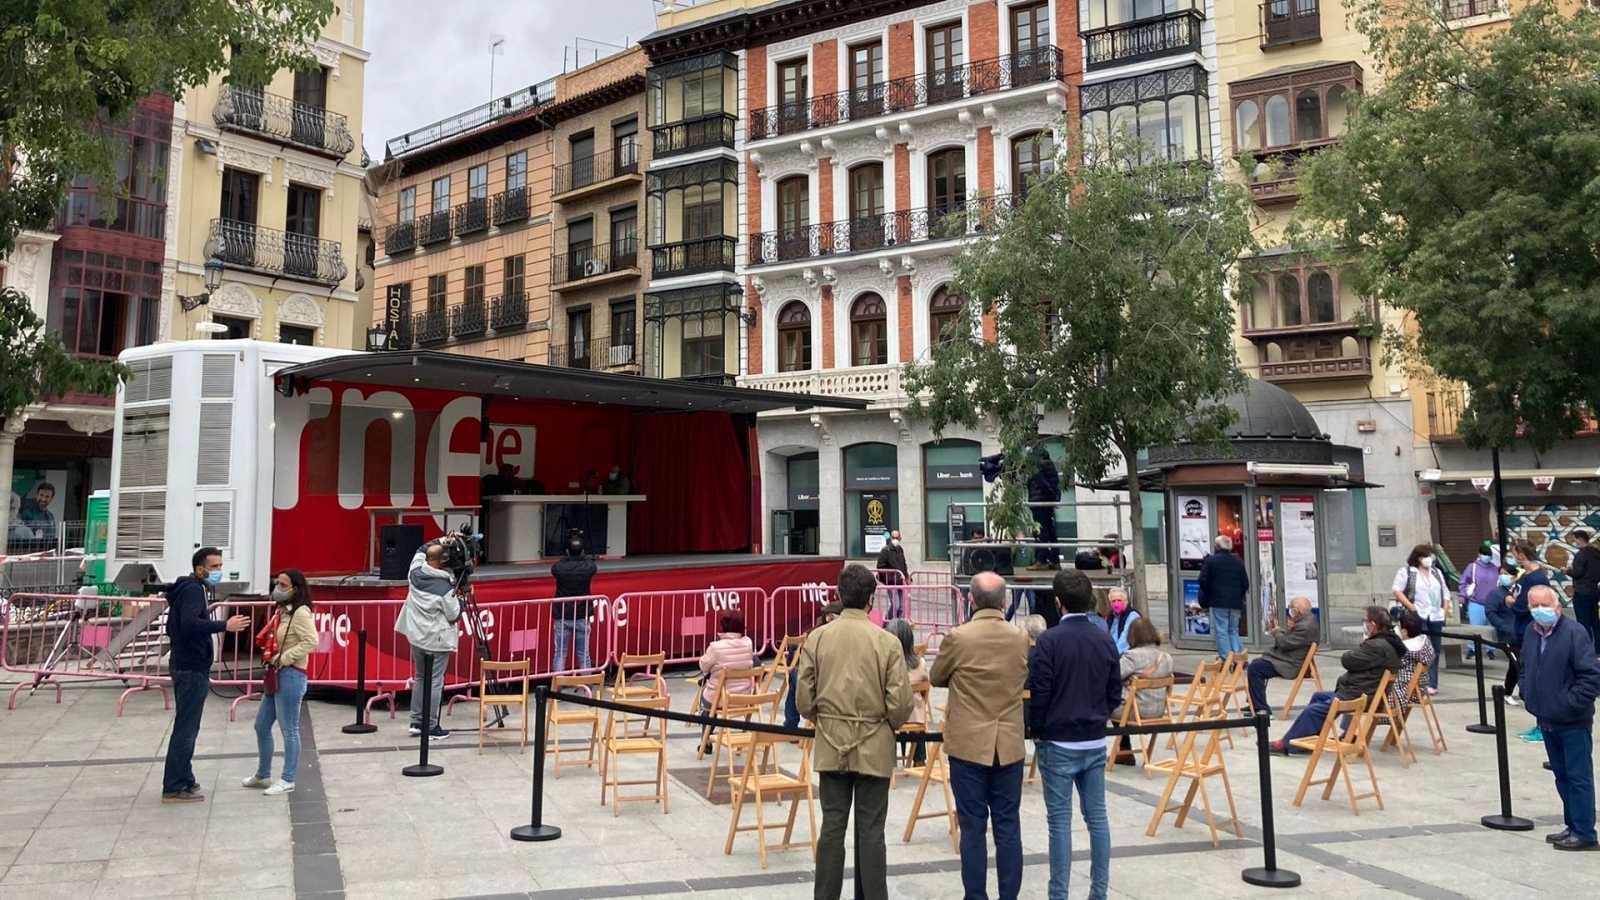 'Las mañanas con Pepa Fernández' celebra el VIII centenario de Alfonso X El Sabio en Toledo - Ver ahora